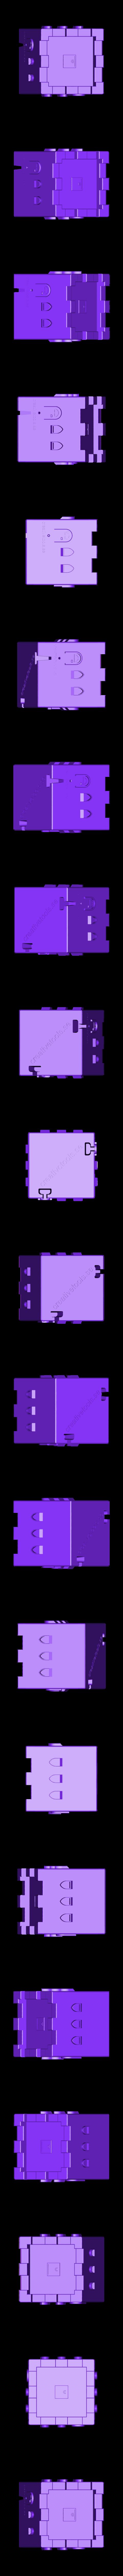 Tower_Corner_Closed_(Modular Castle Playset - 3D-printable)_By_CreativeTools.se.stl Télécharger fichier STL gratuit Plateau modulaire de château (imprimable en 3D) • Modèle à imprimer en 3D, CreativeTools